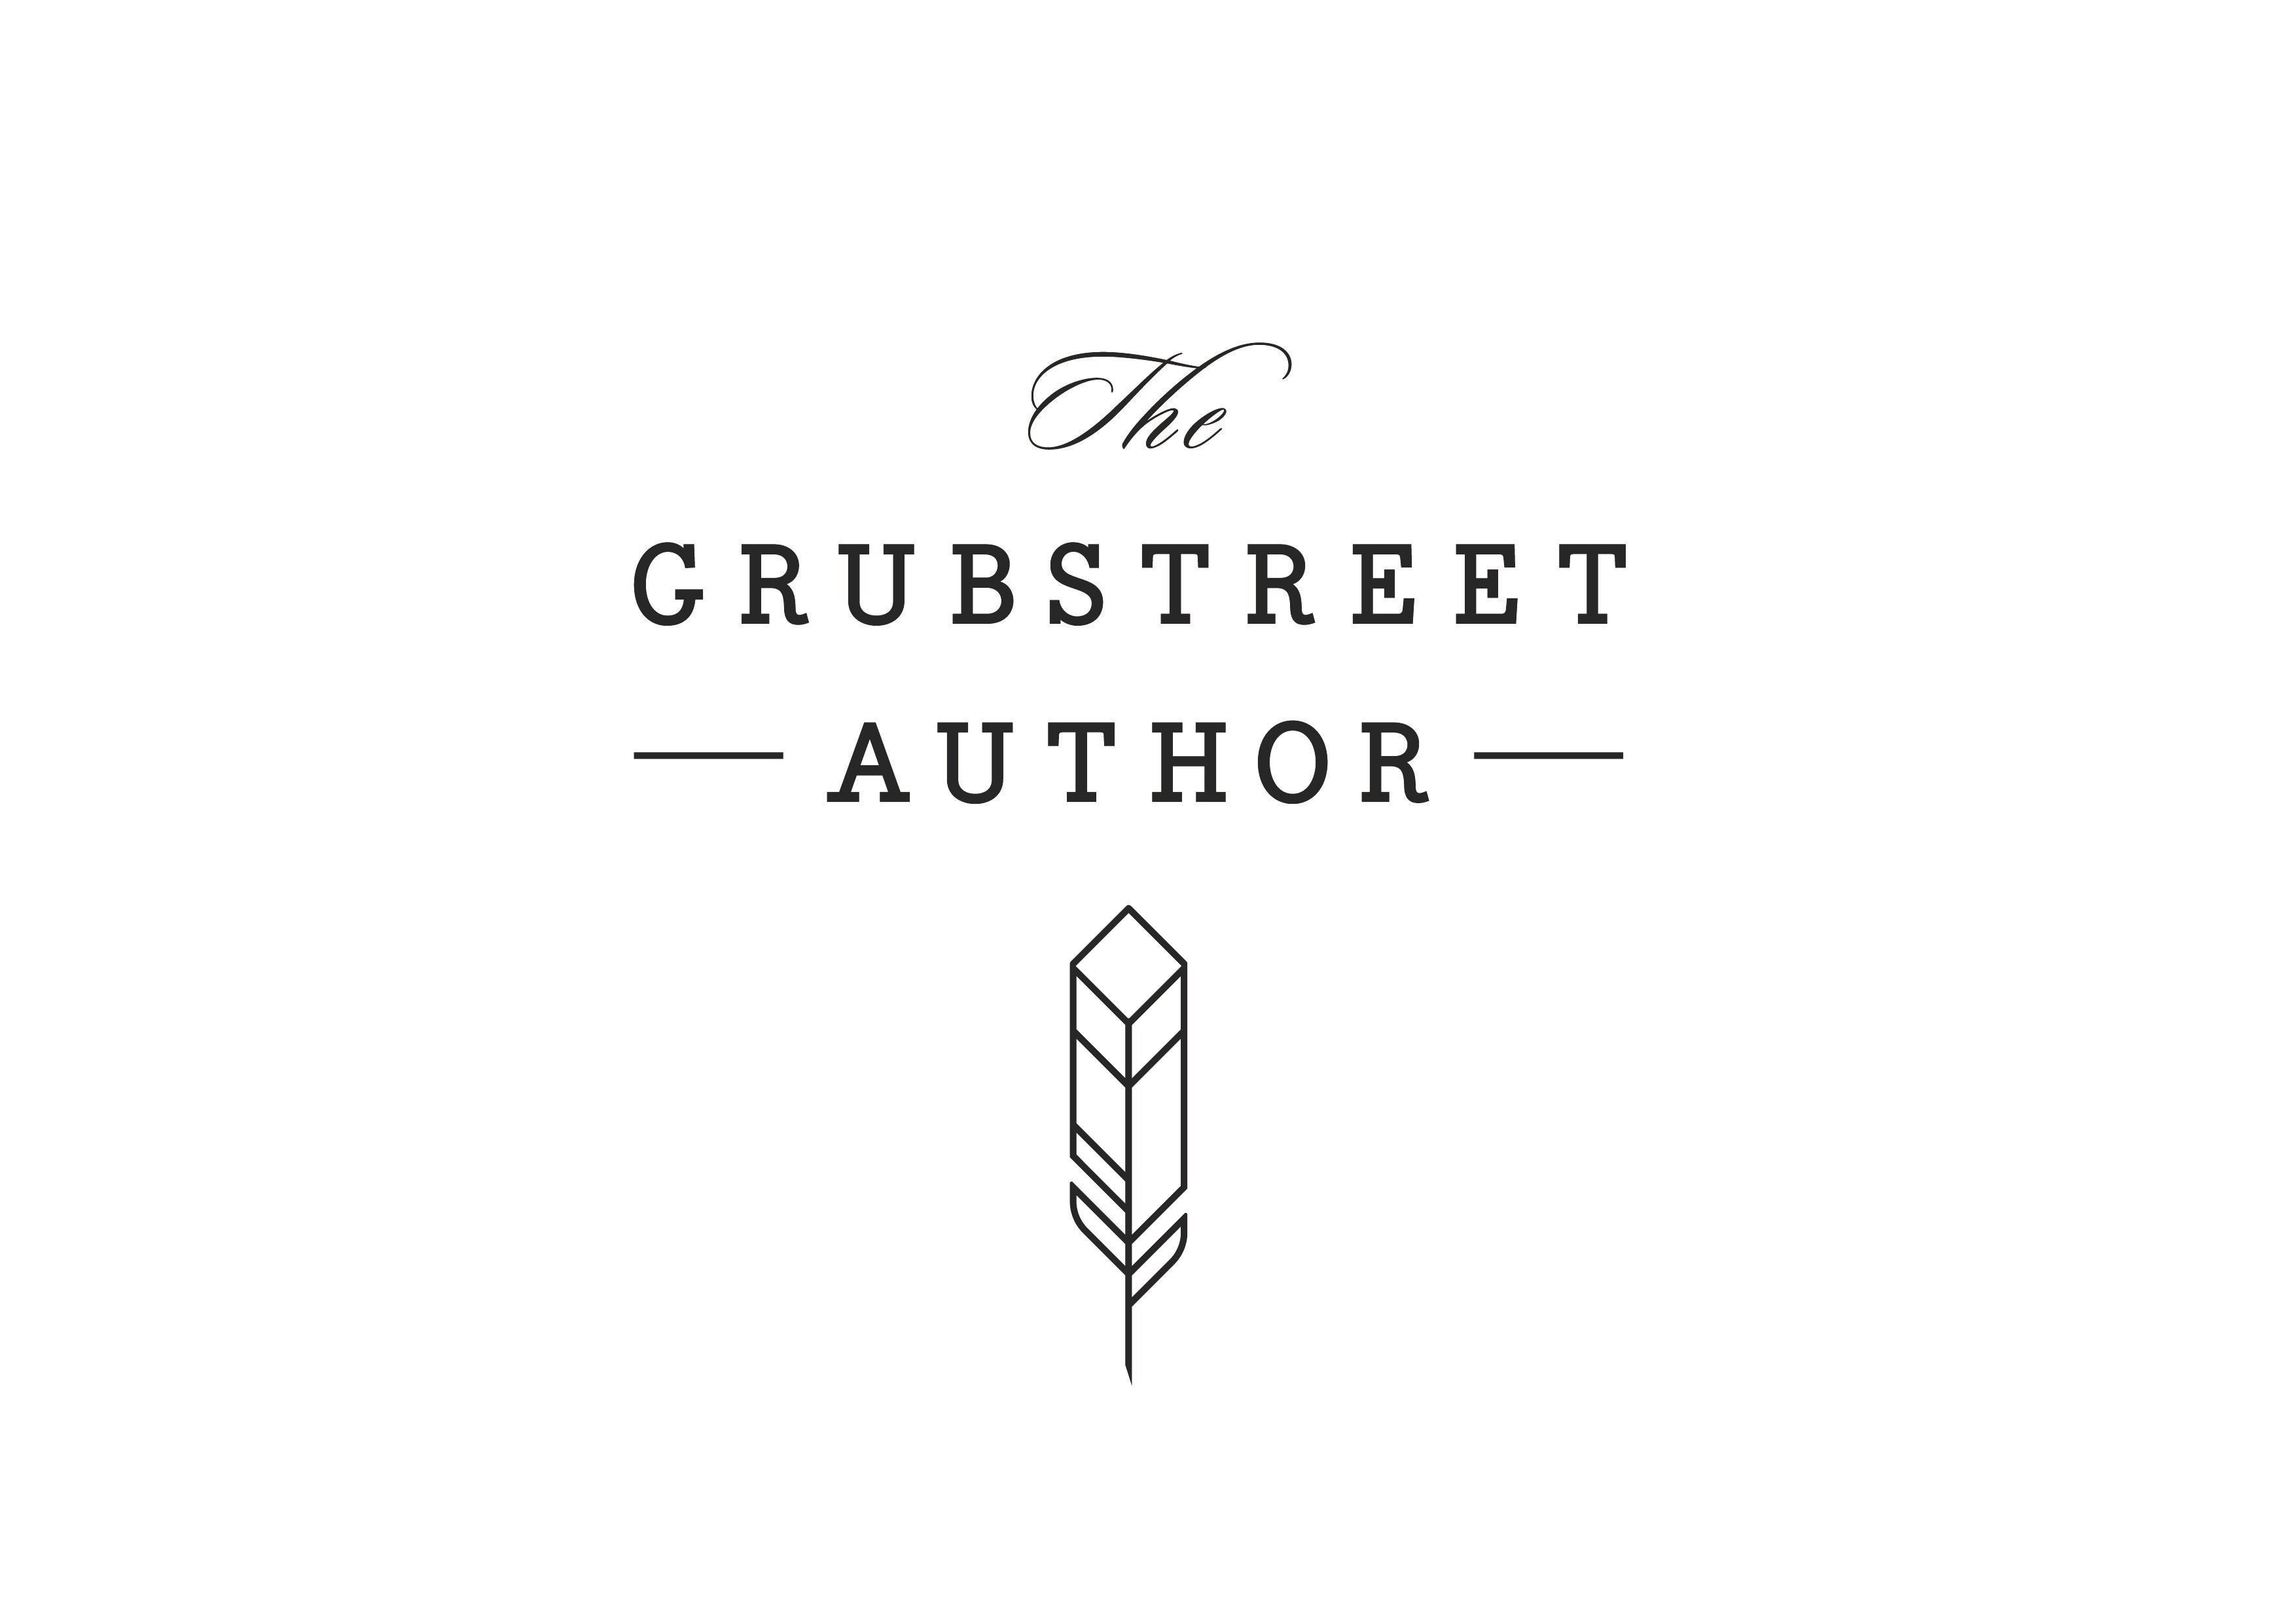 The Grubstreet Author logo